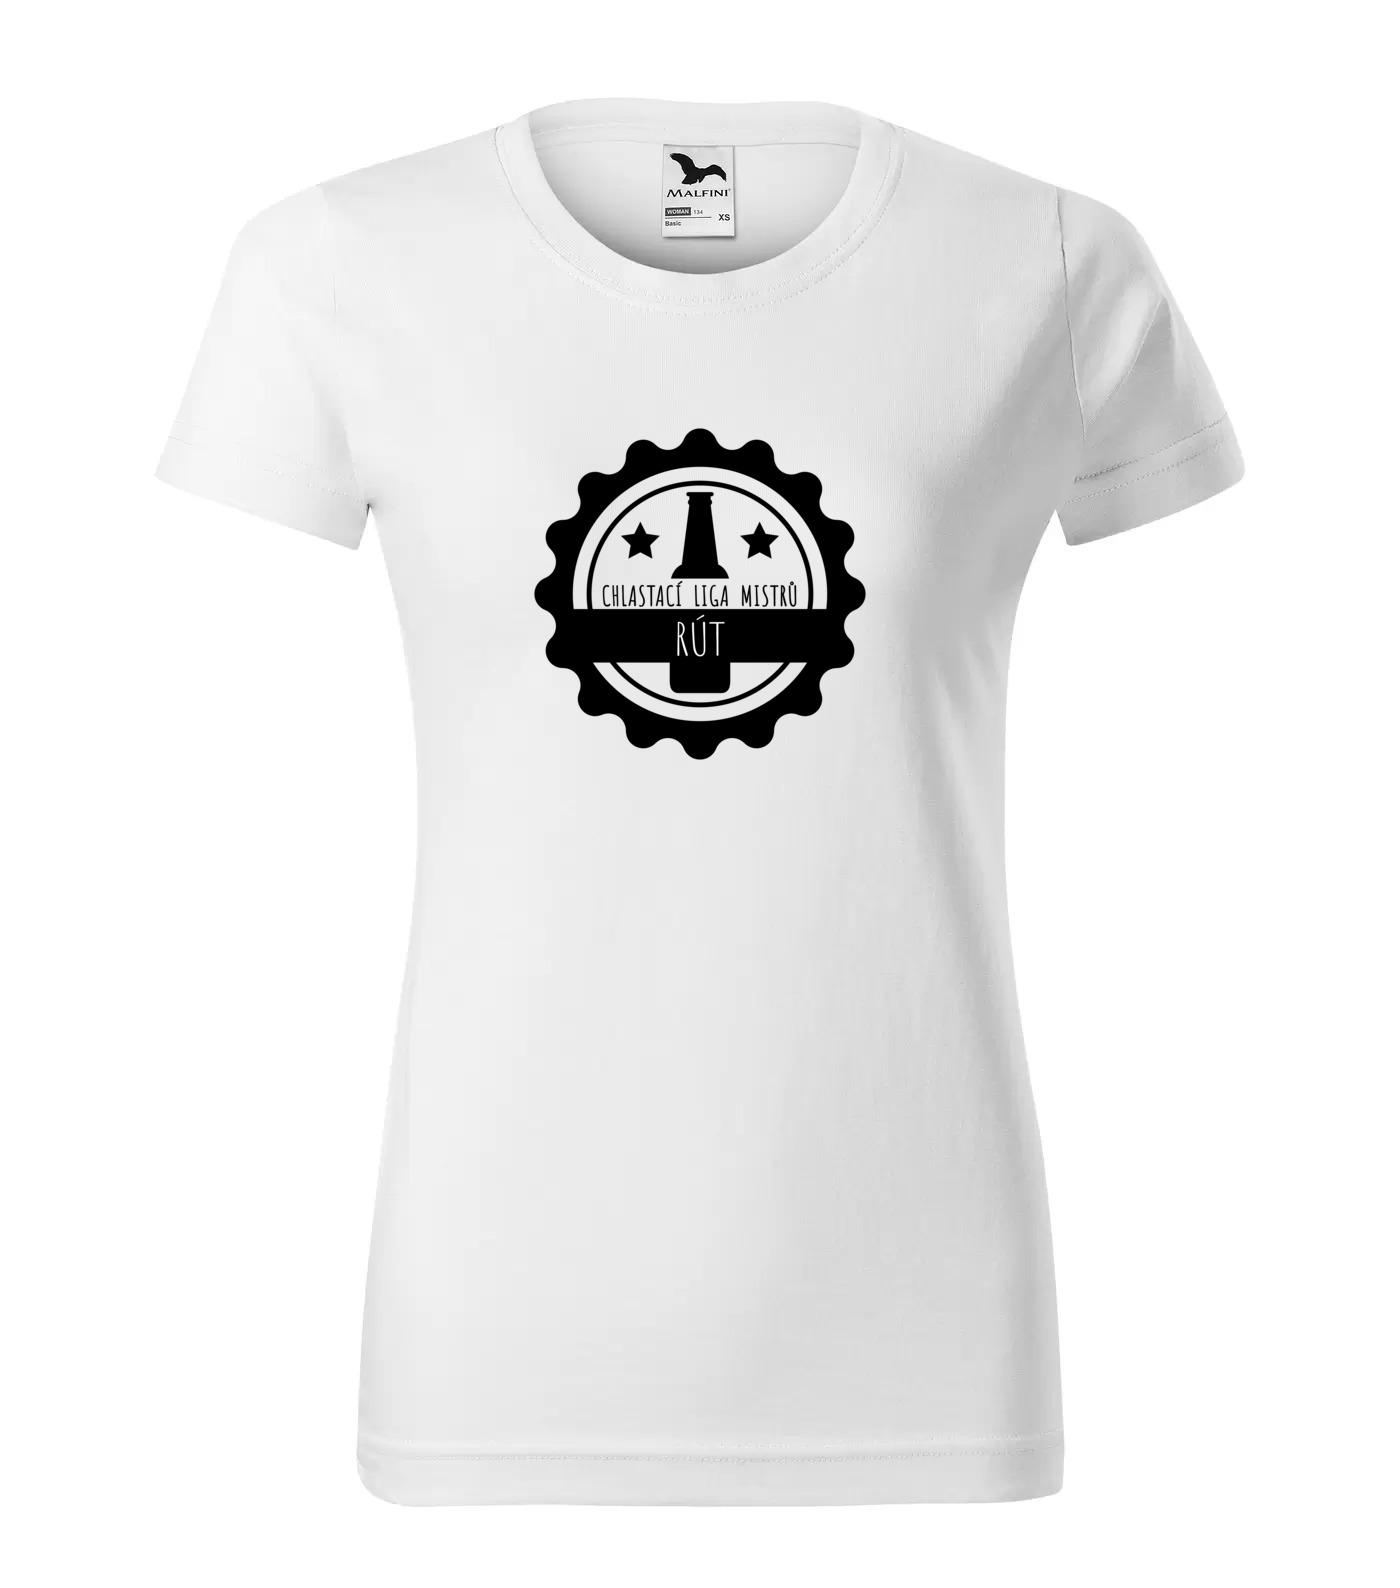 Tričko Chlastací liga žen Rút